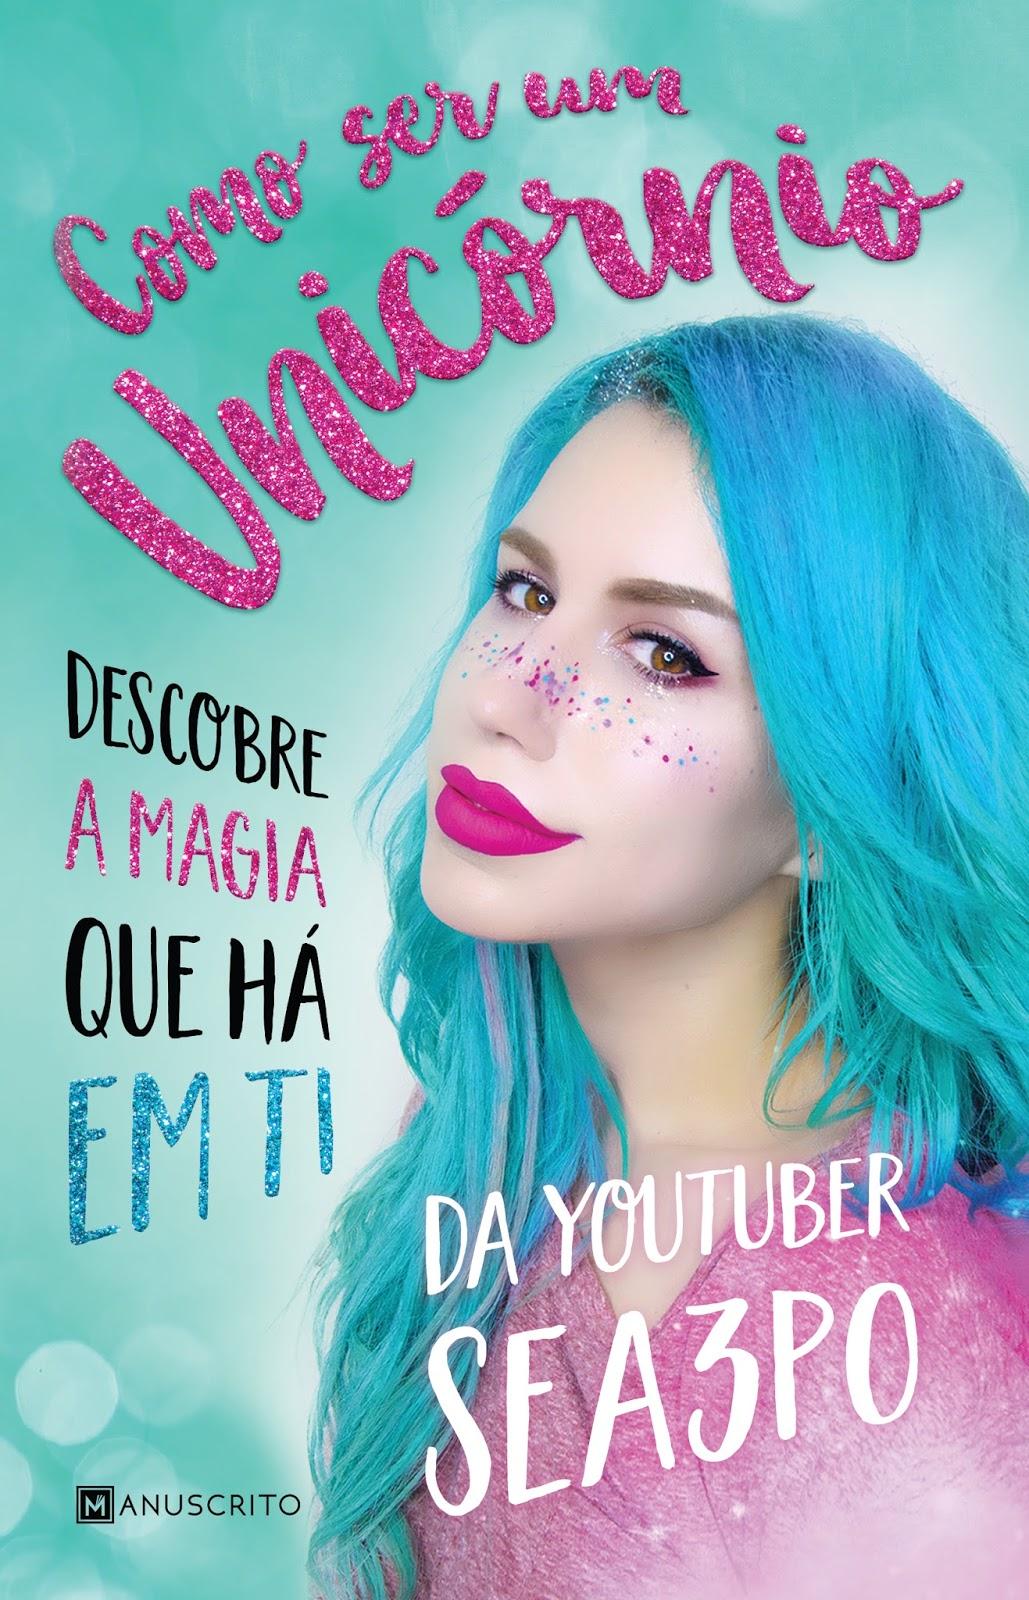 """05-01-2018 -  Youtuber portuguesa Sea3P0 publica primeiro livro, com o título """"Como Ser Um Unicórnio"""".jpg"""